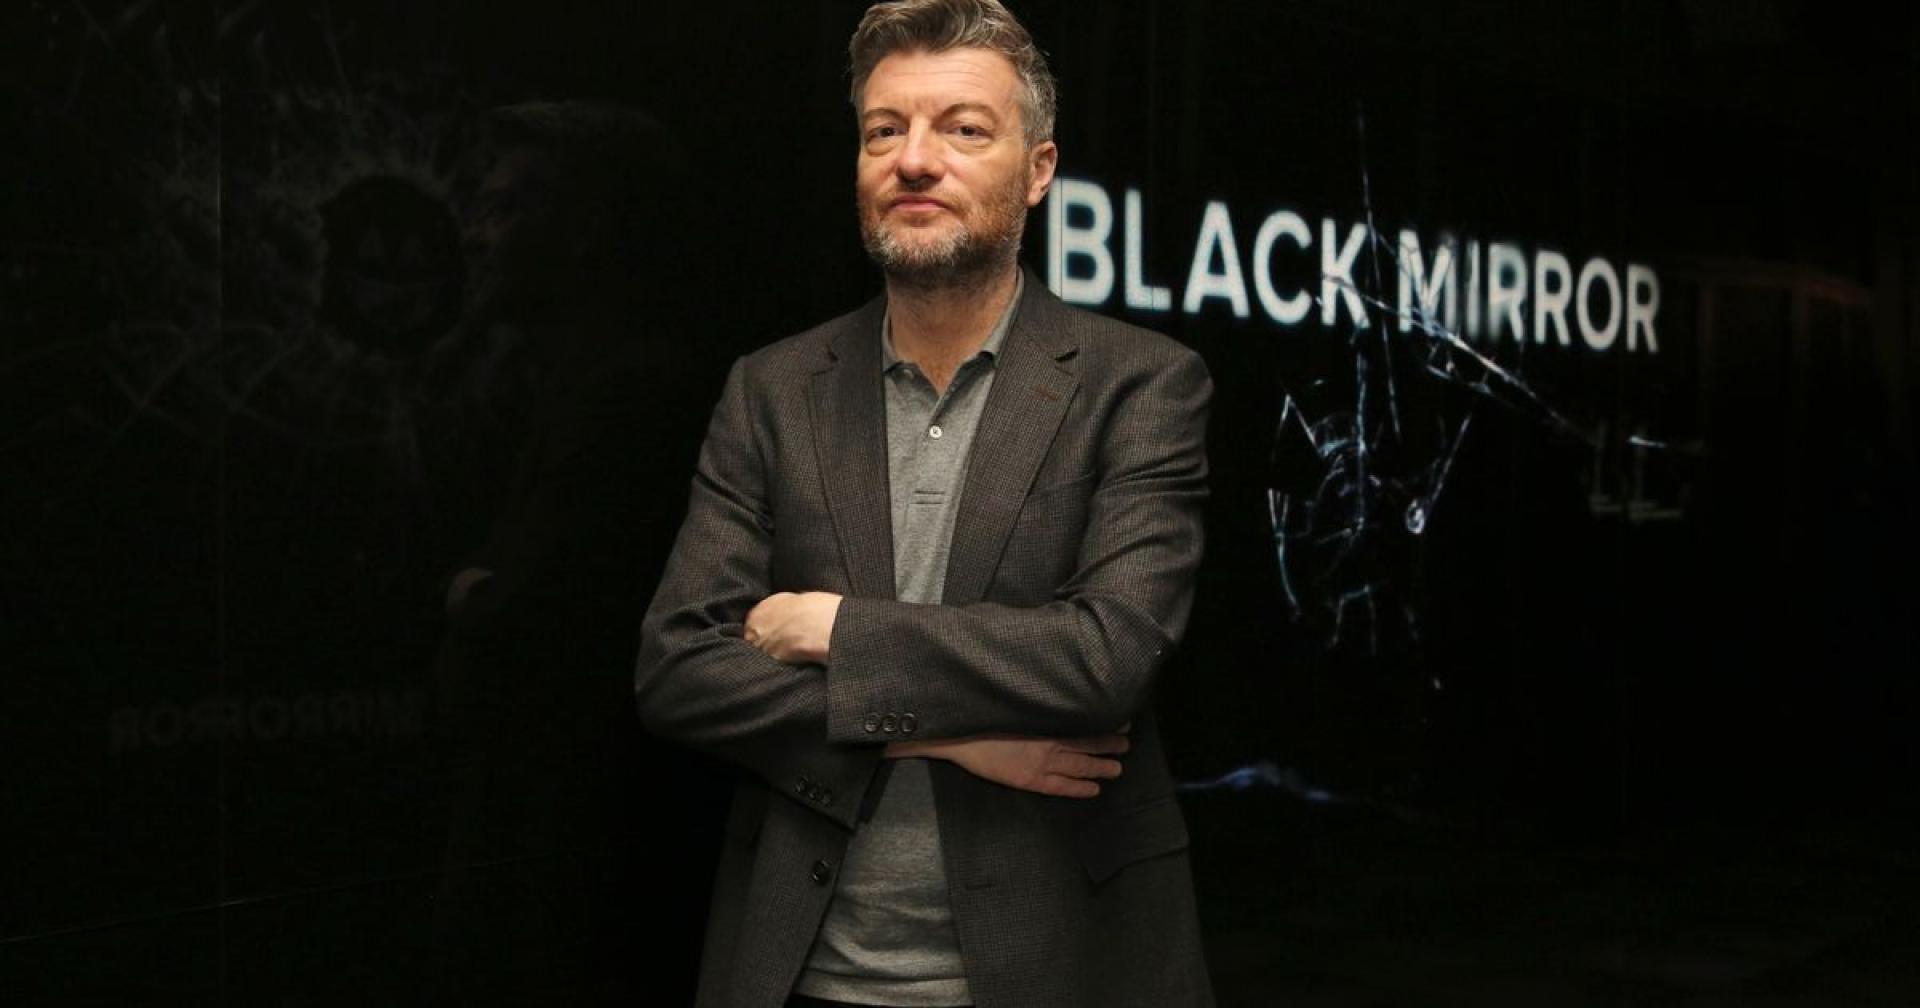 Egy ideig nem lesz Black Mirror